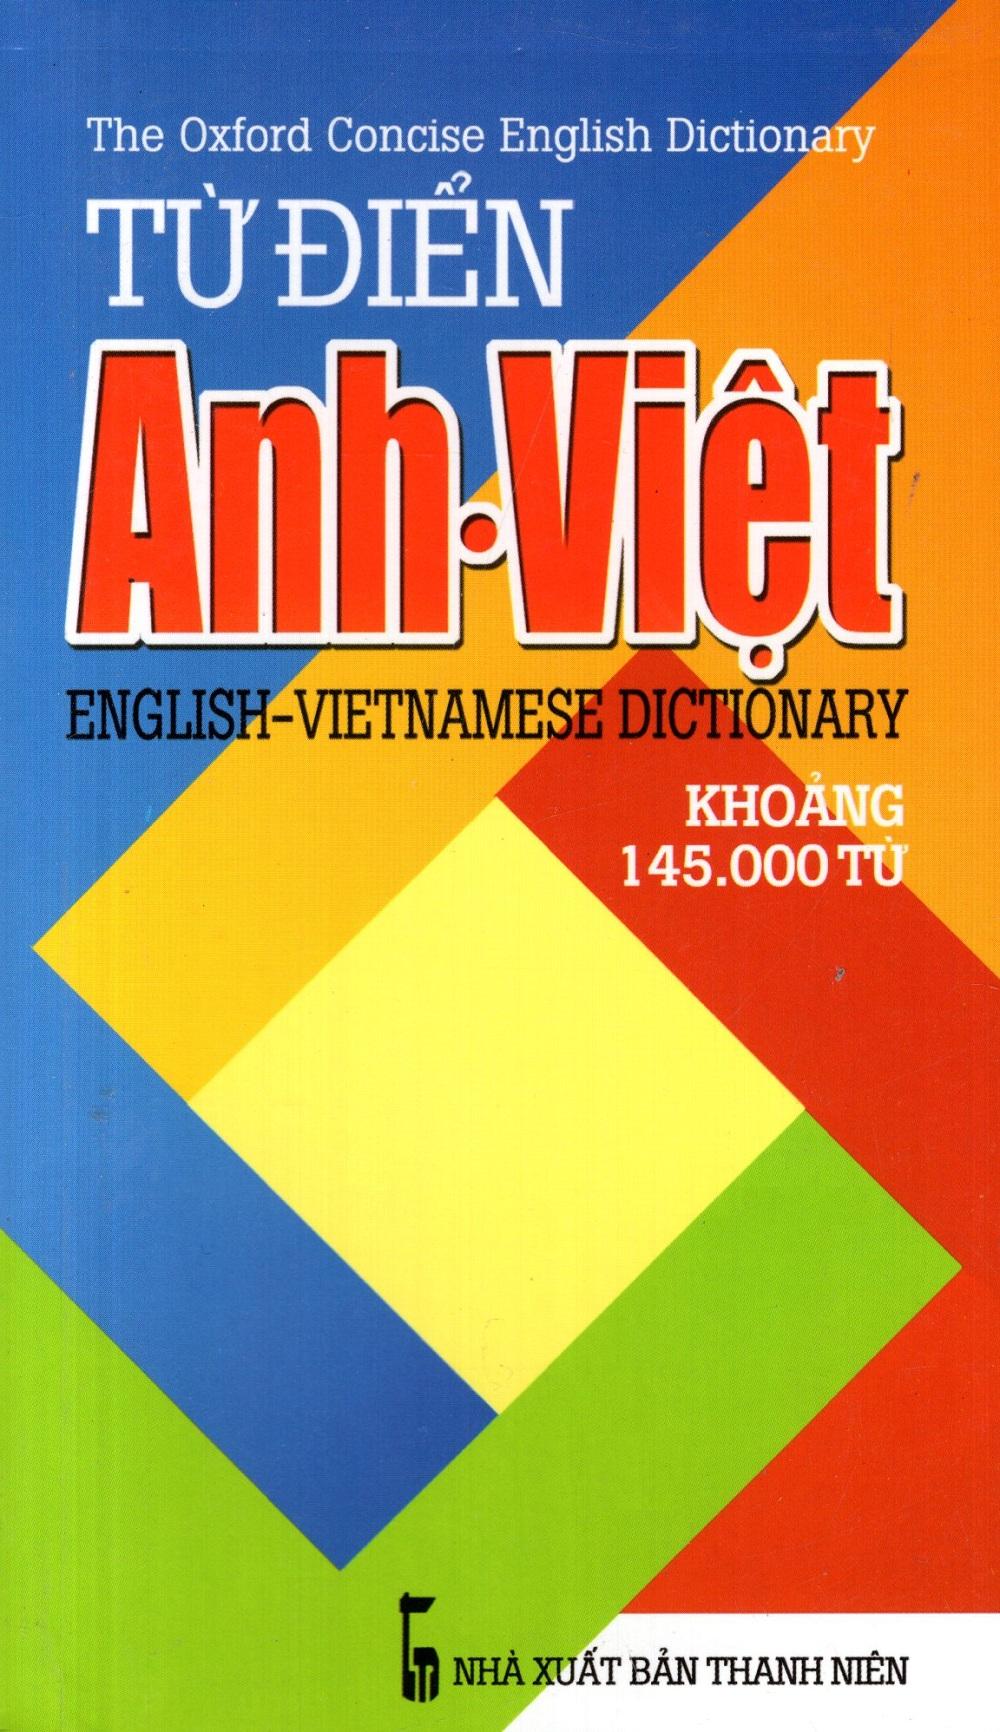 Bìa sách Từ Điển Anh - Việt (Khoảng 145.000 Từ) - Sách Bỏ Túi